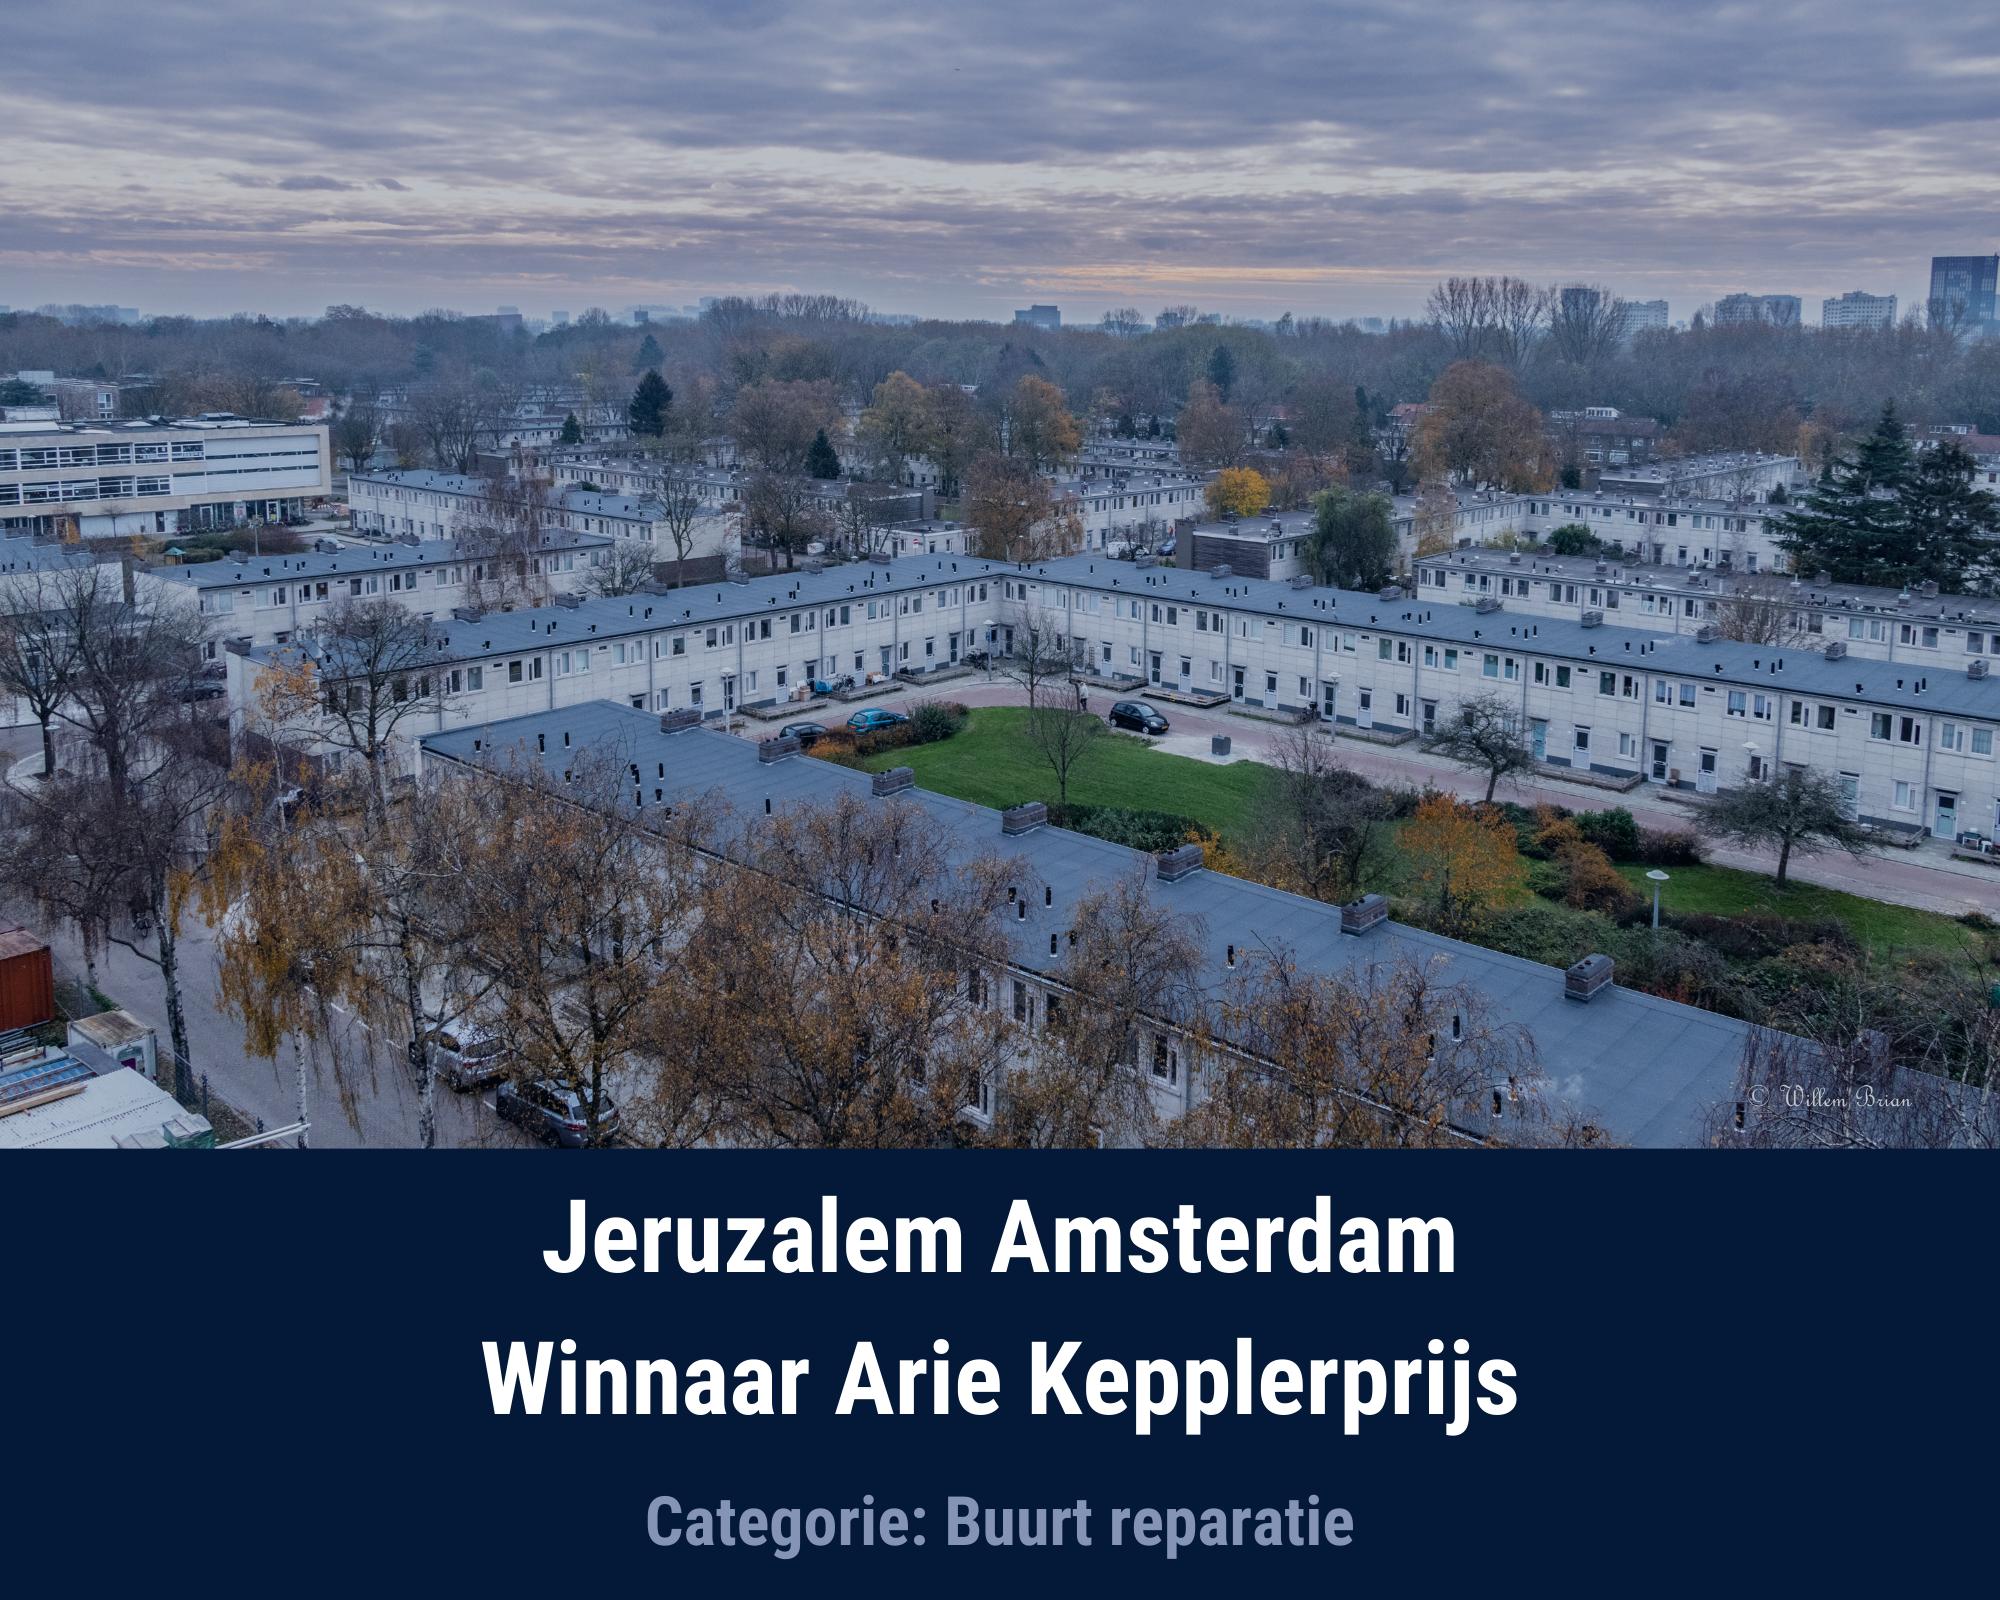 Jeruzalem Winnaar Arie Kepplerprijs 2020